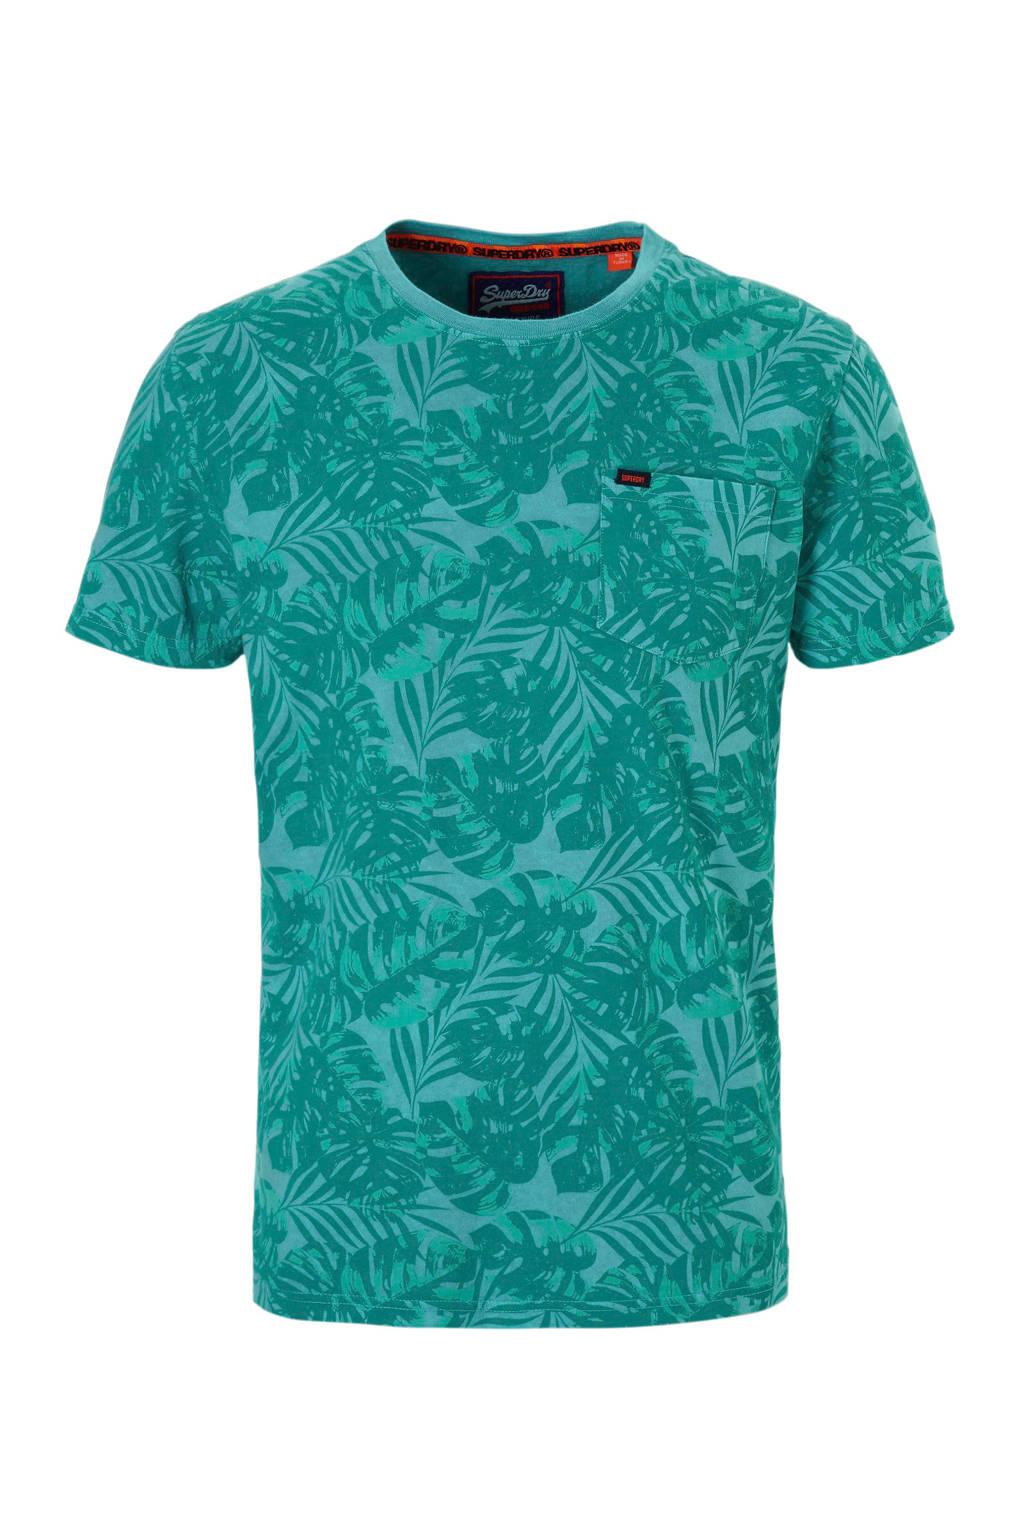 Superdry T-shirt alloverprint, Blauw